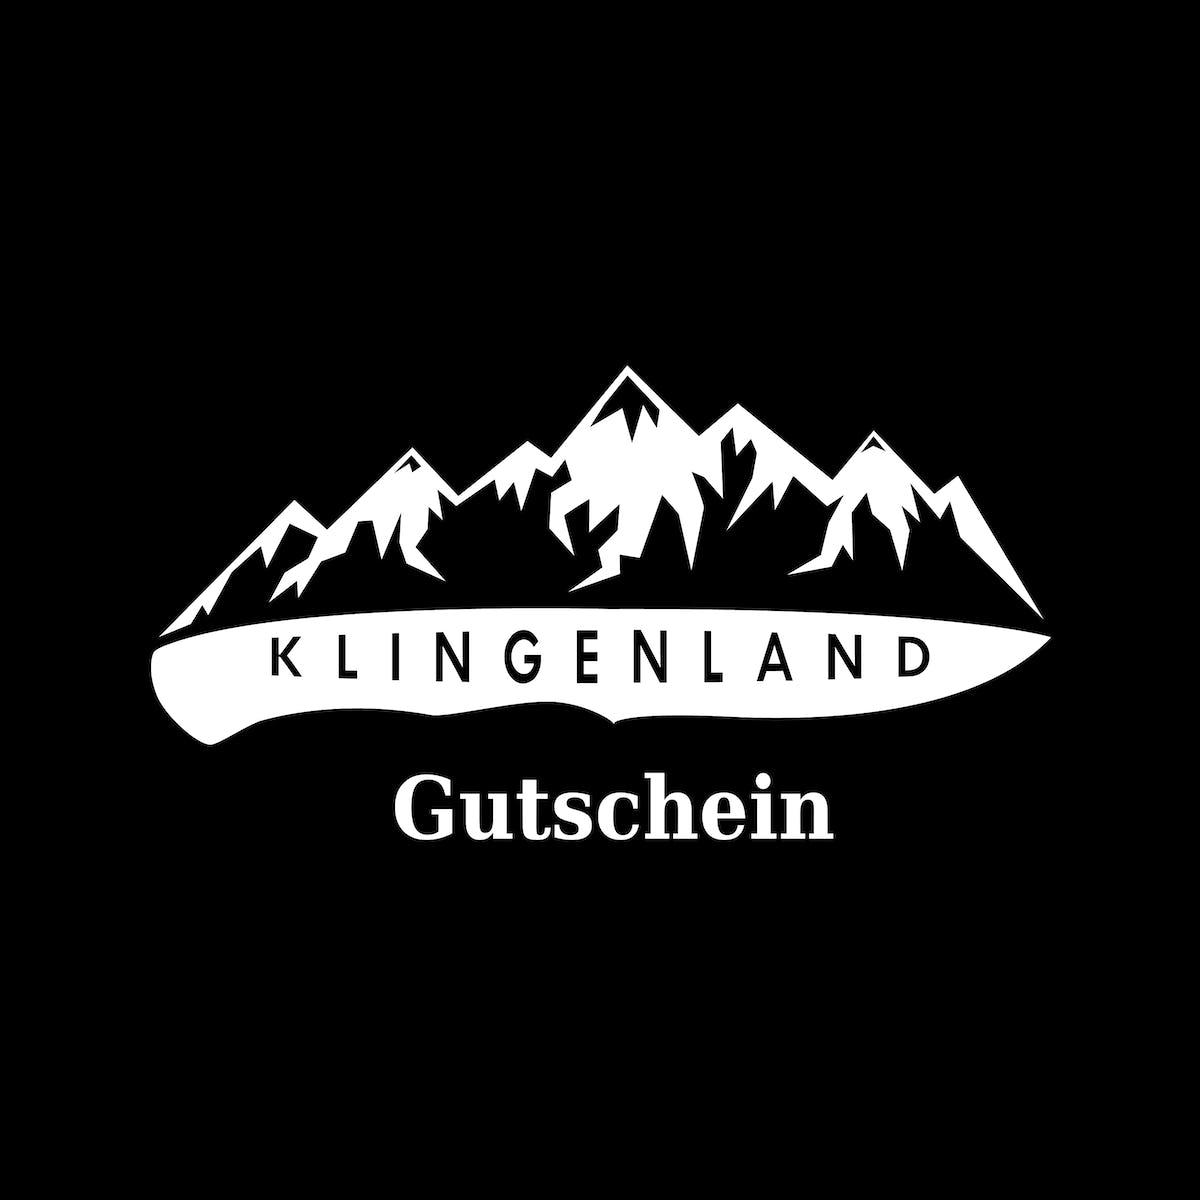 Klingenland Gutschein